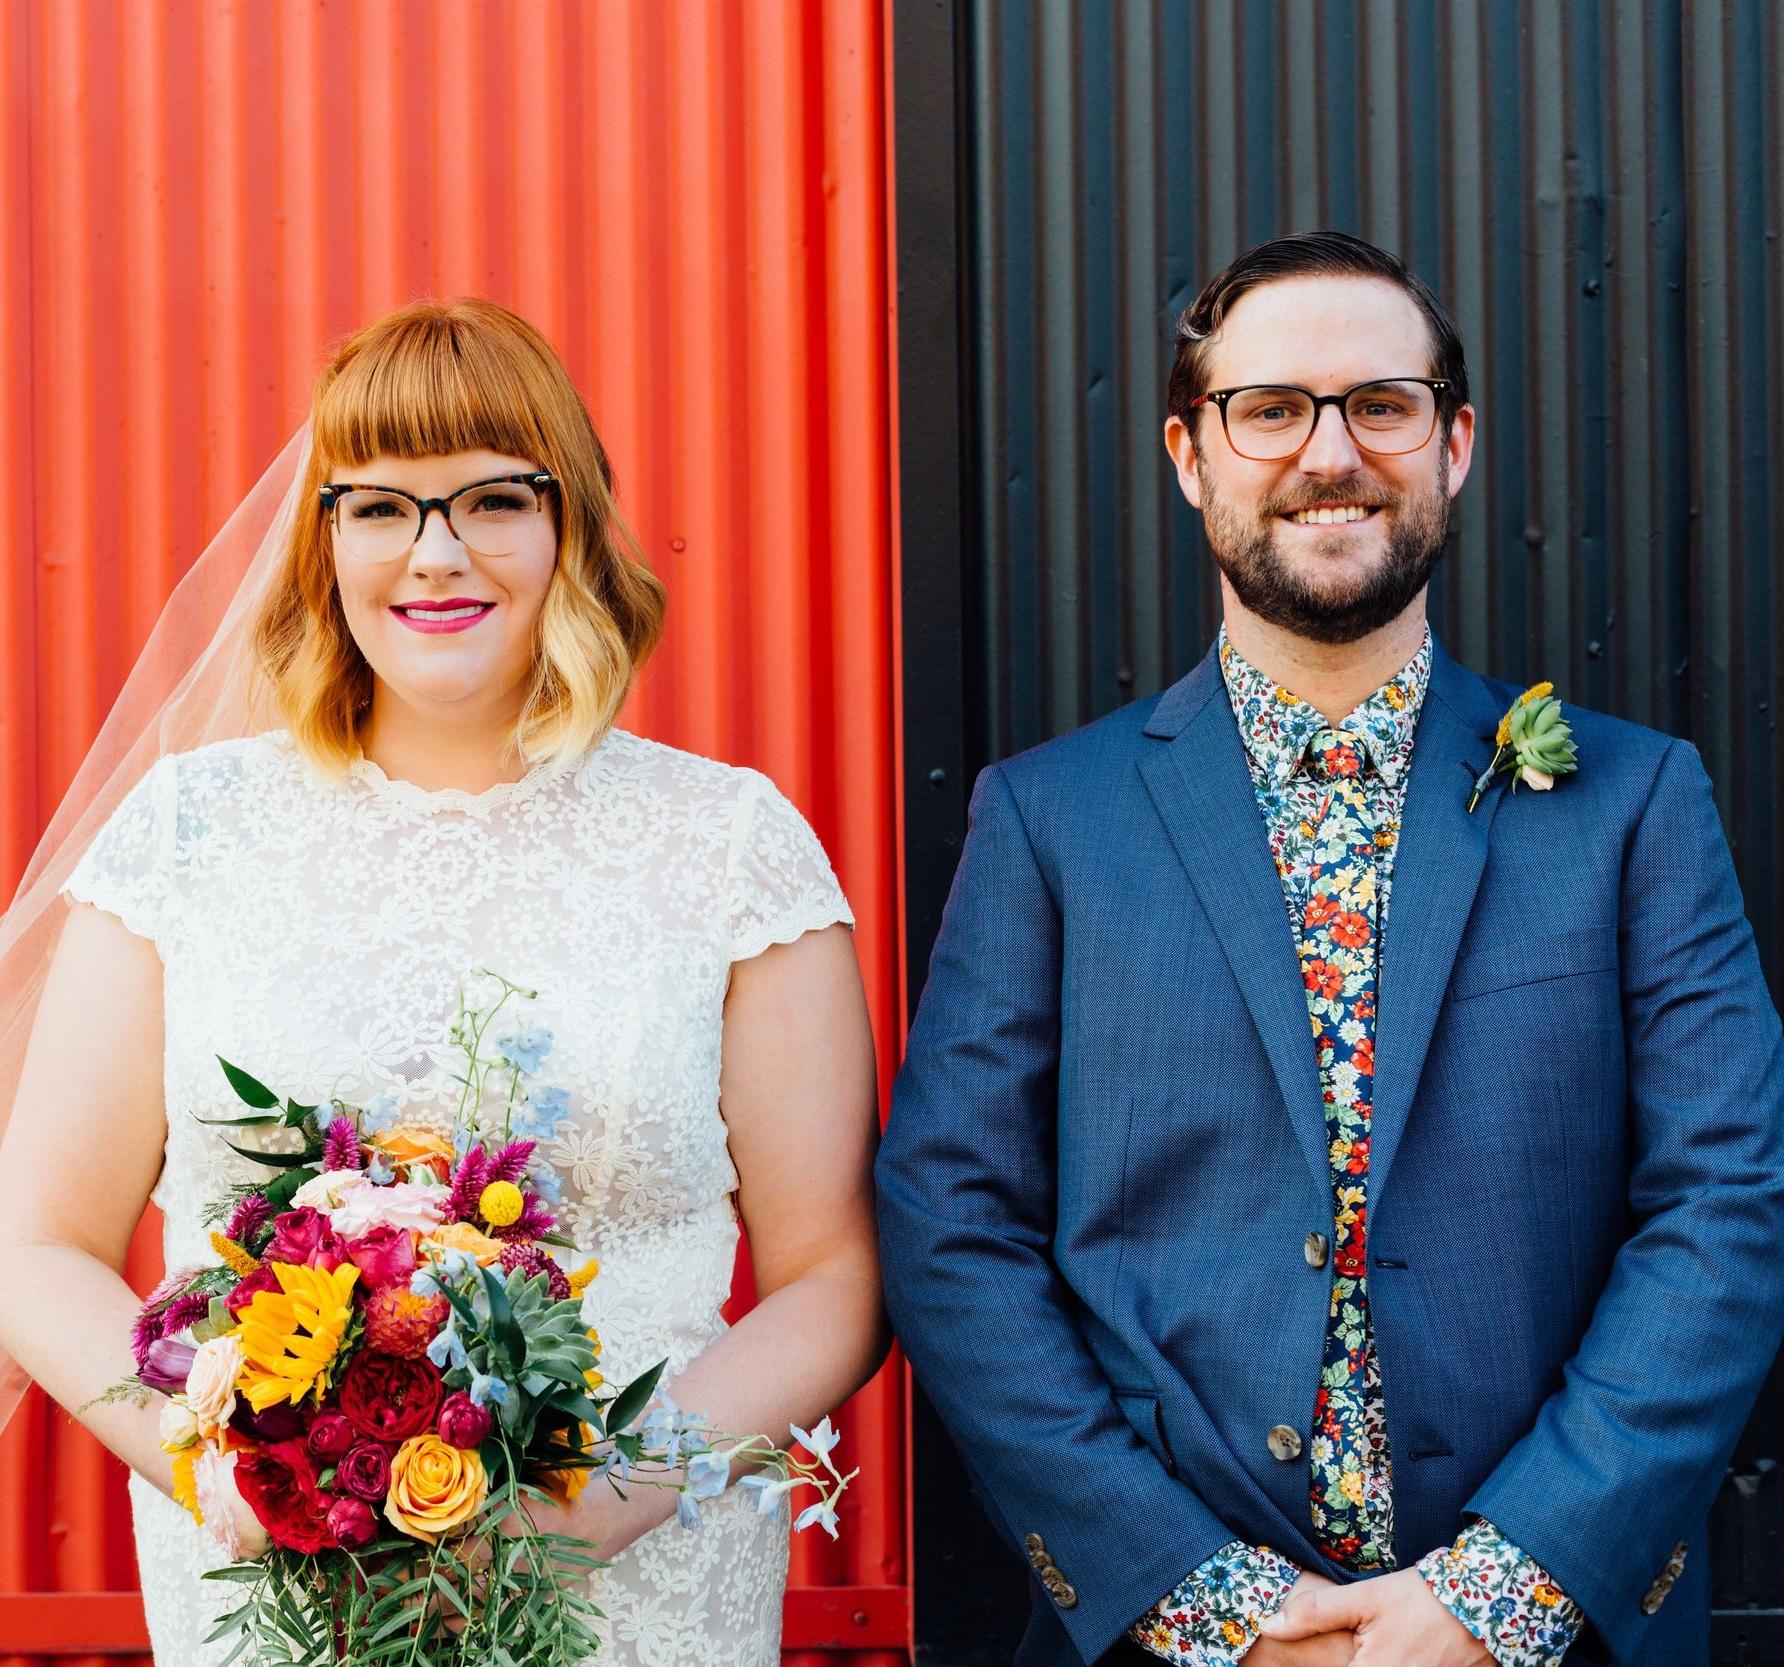 Sibyl_Sophia_Des_Moines_Iowa_Bright_Wedding_Florals_Bride_Groom.jpg